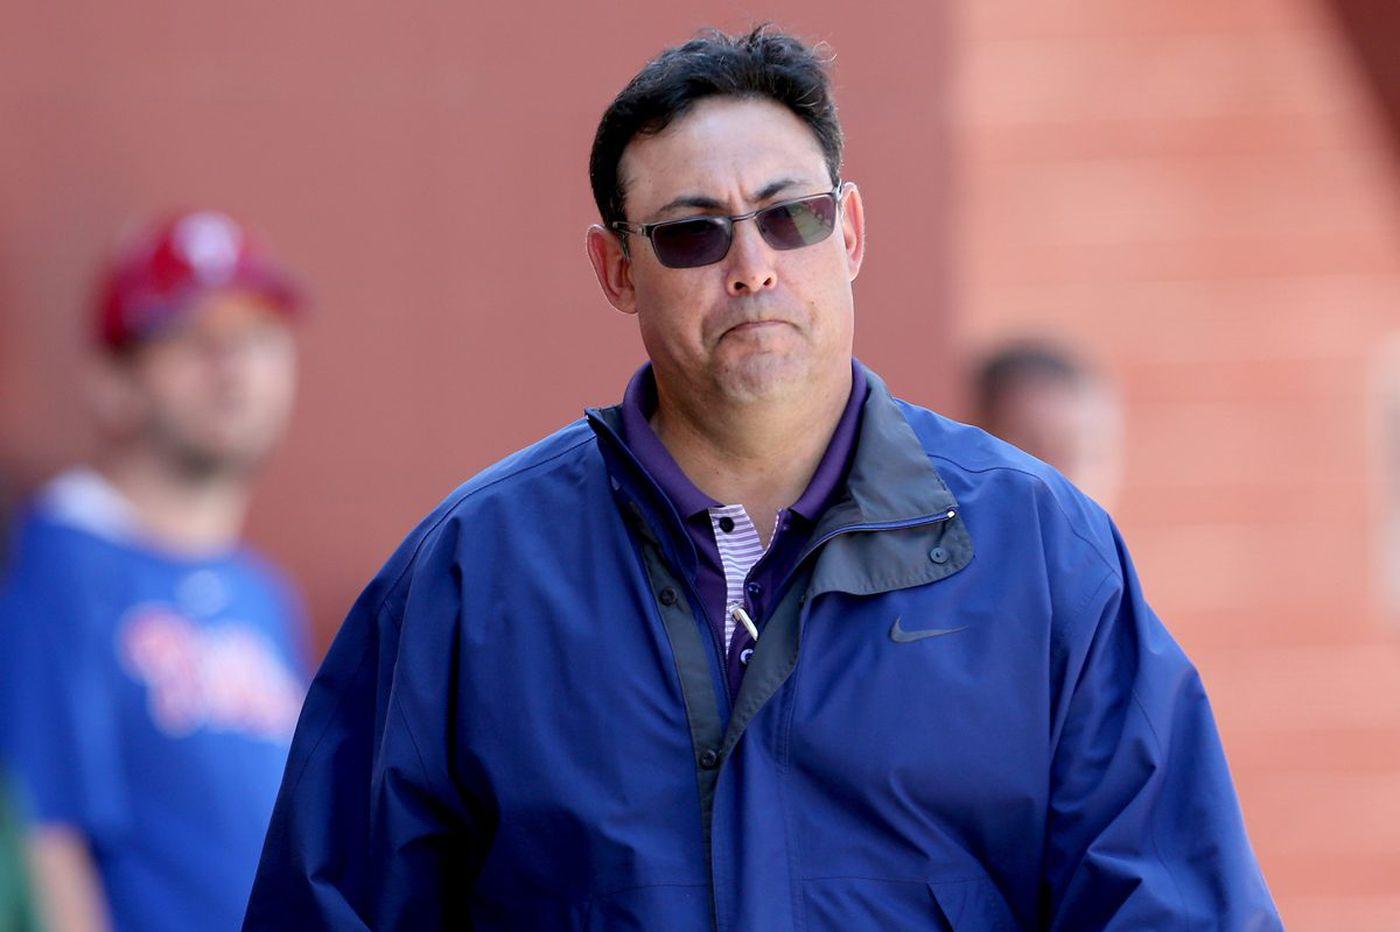 Ruben Amaro Jr. wishes he'd started Phillies' rebuild sooner